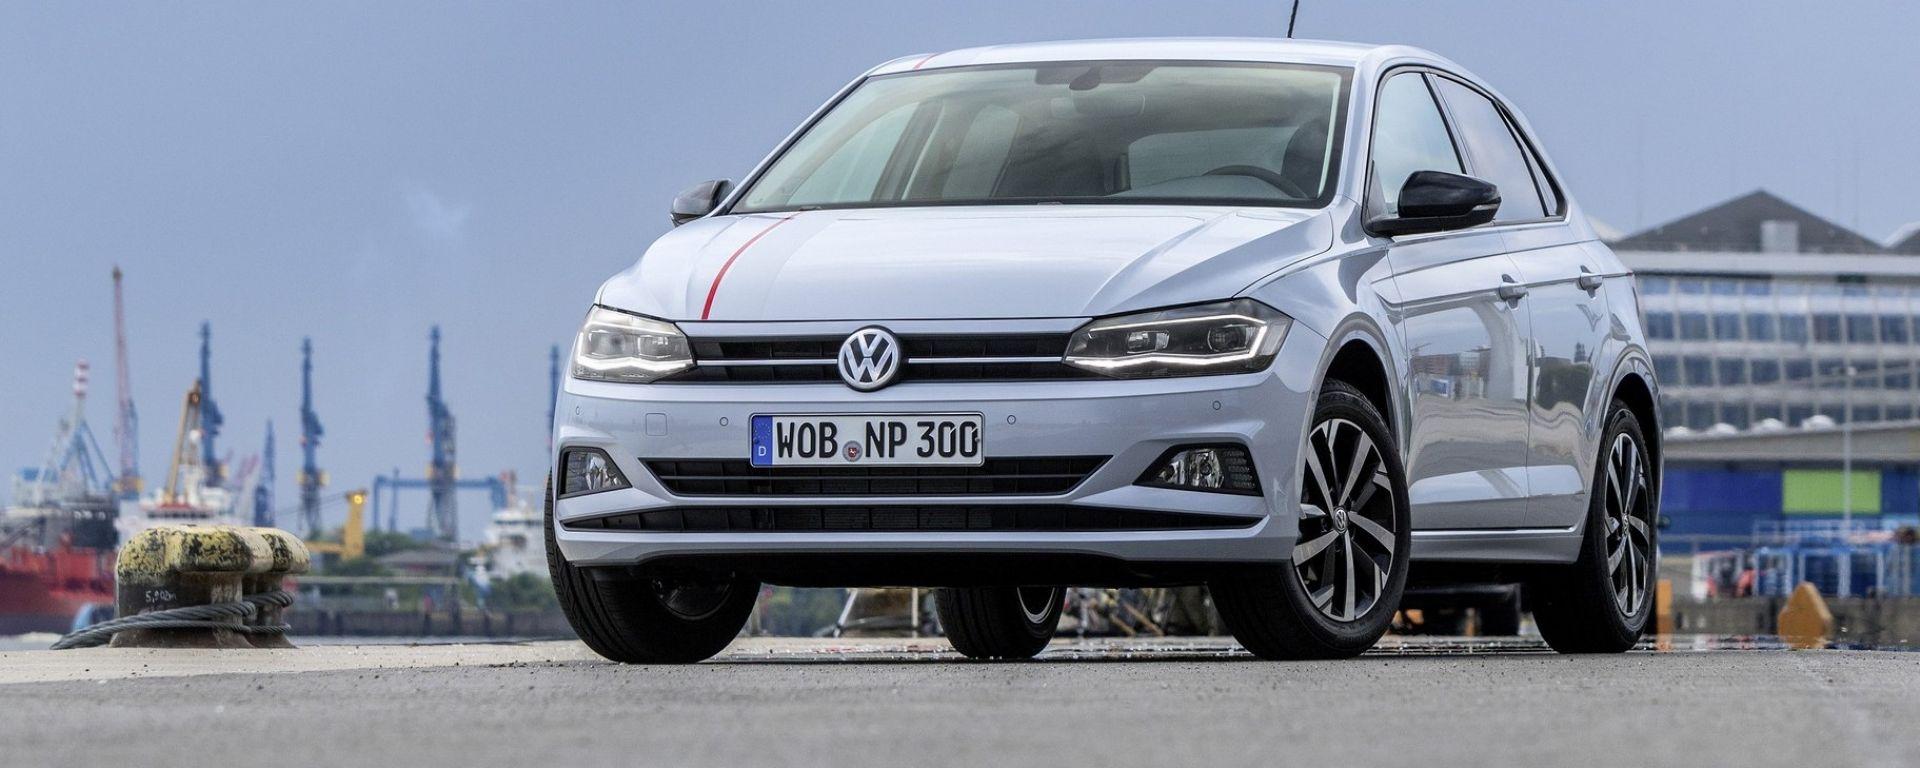 volkswagen  prove auto  listini  quotazioni news ed